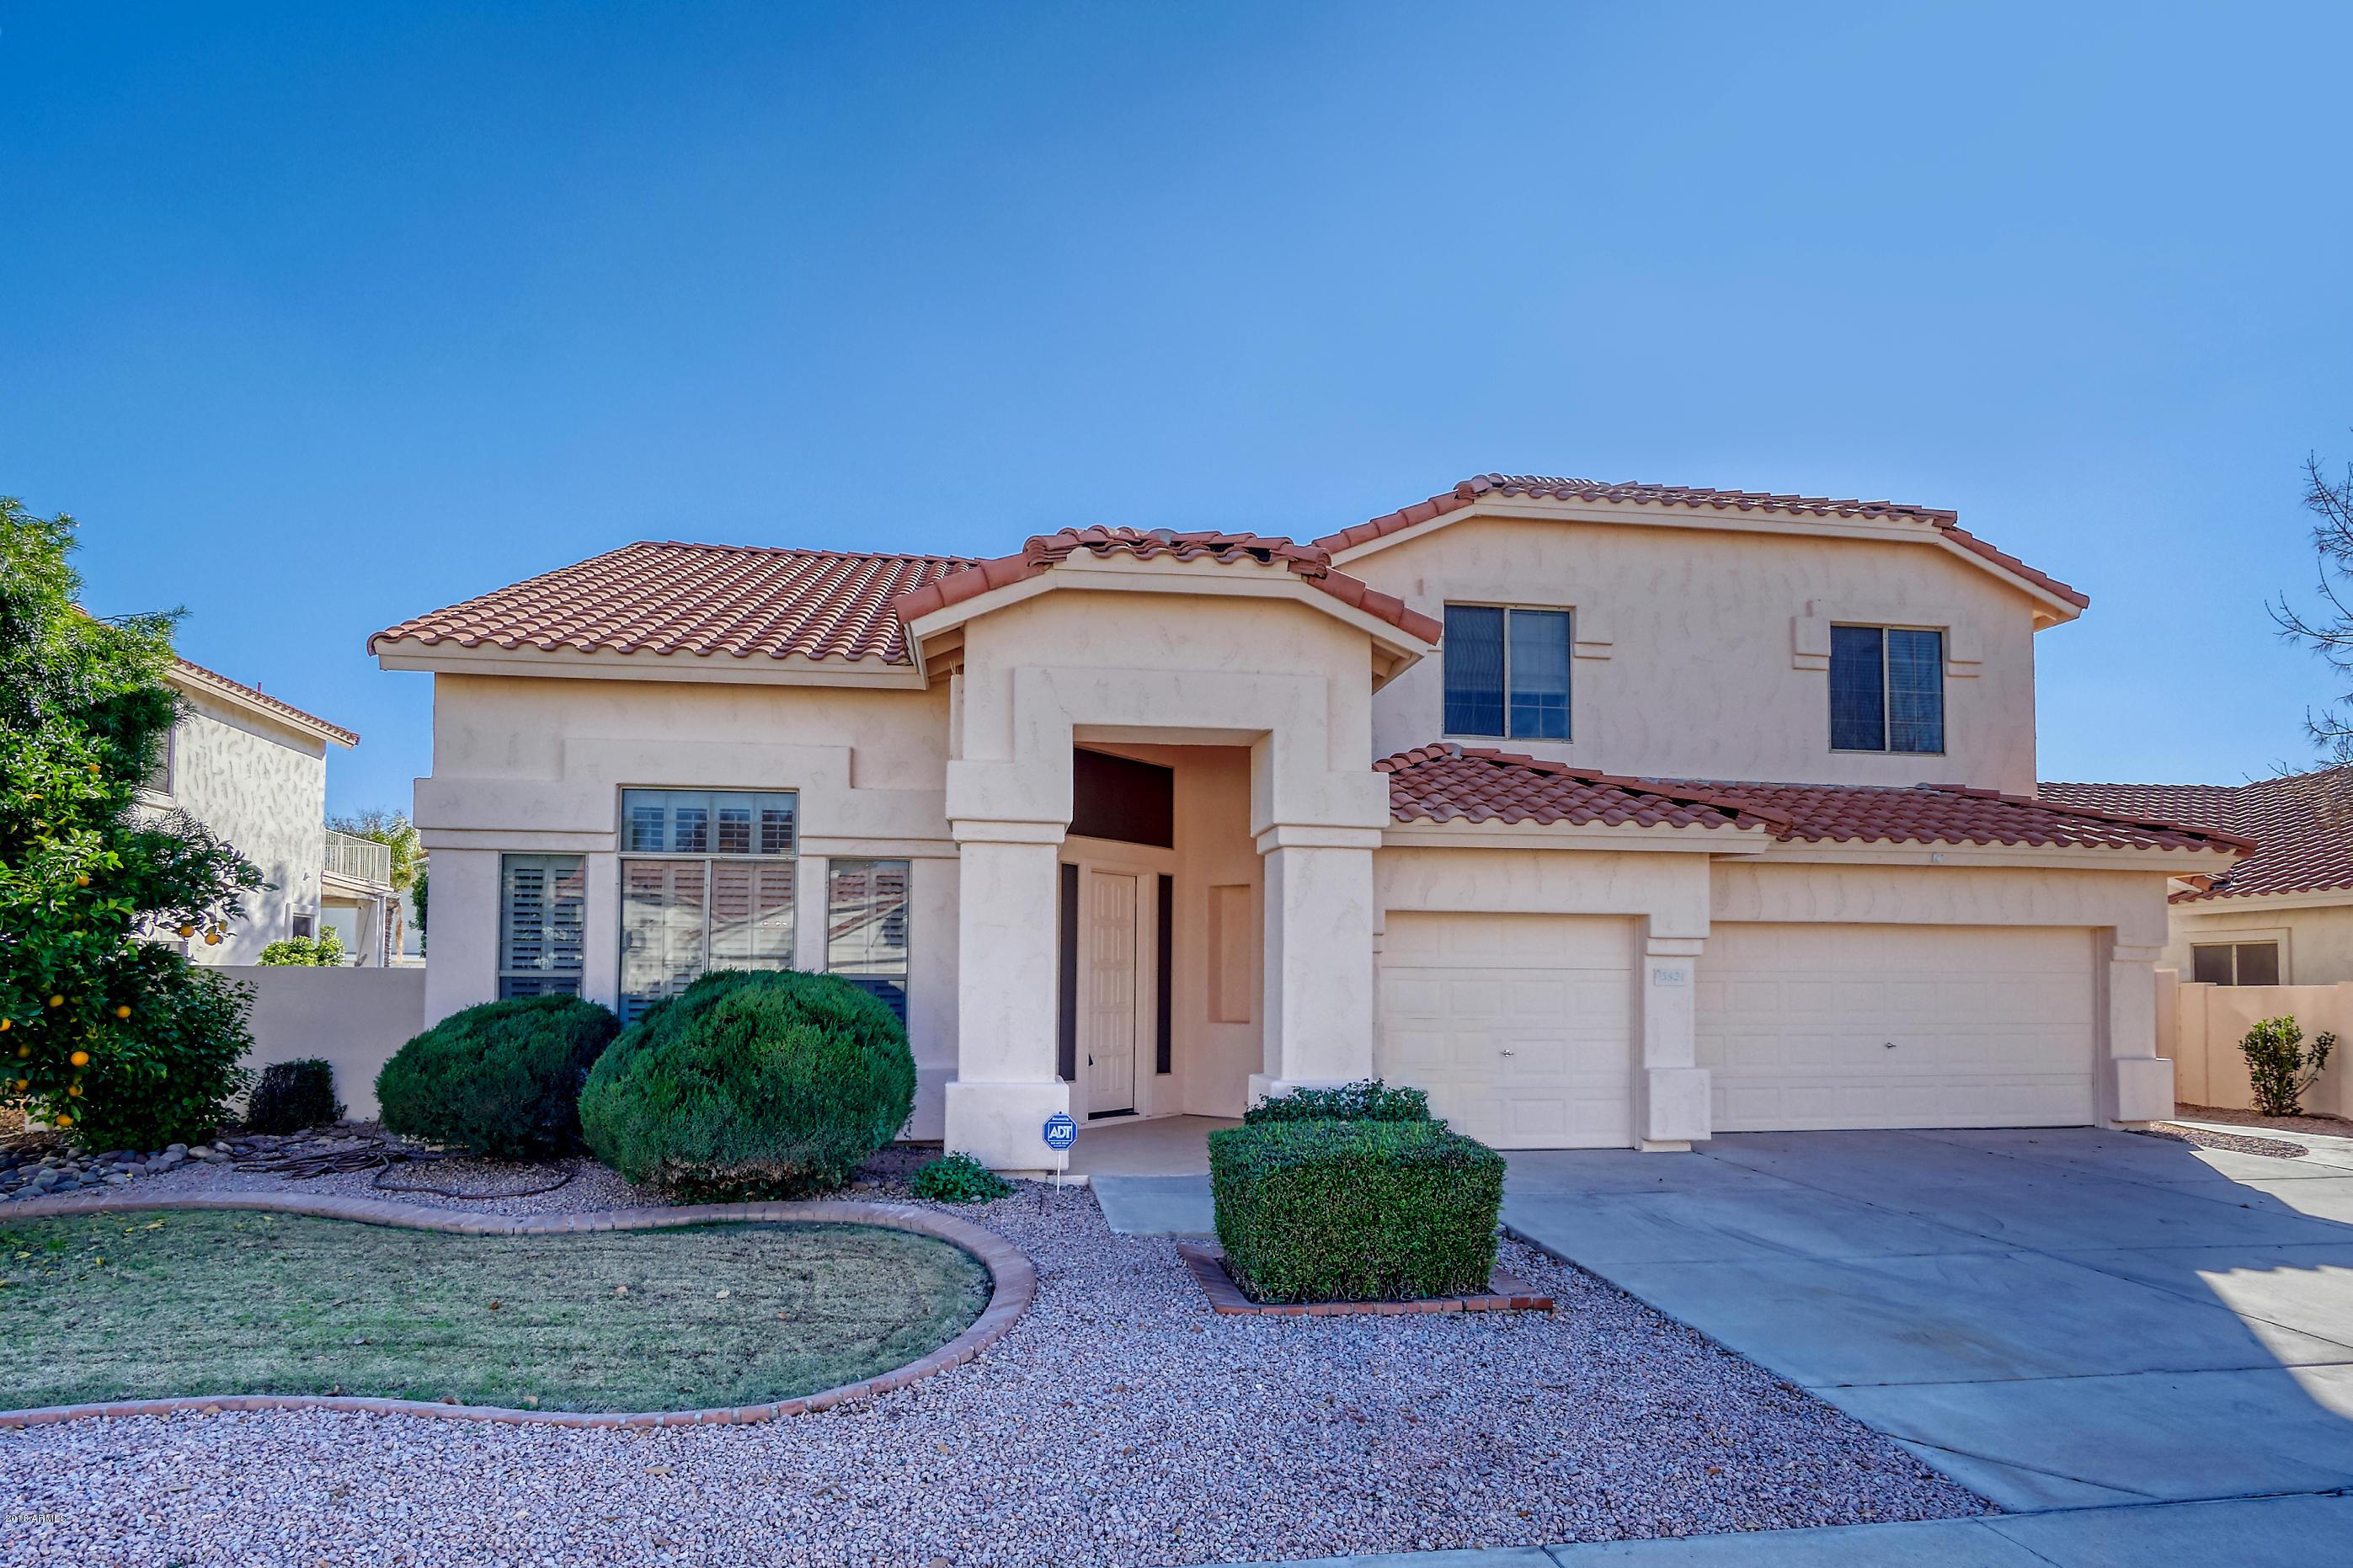 Photo of 5821 W BLOOMFIELD Road, Glendale, AZ 85304